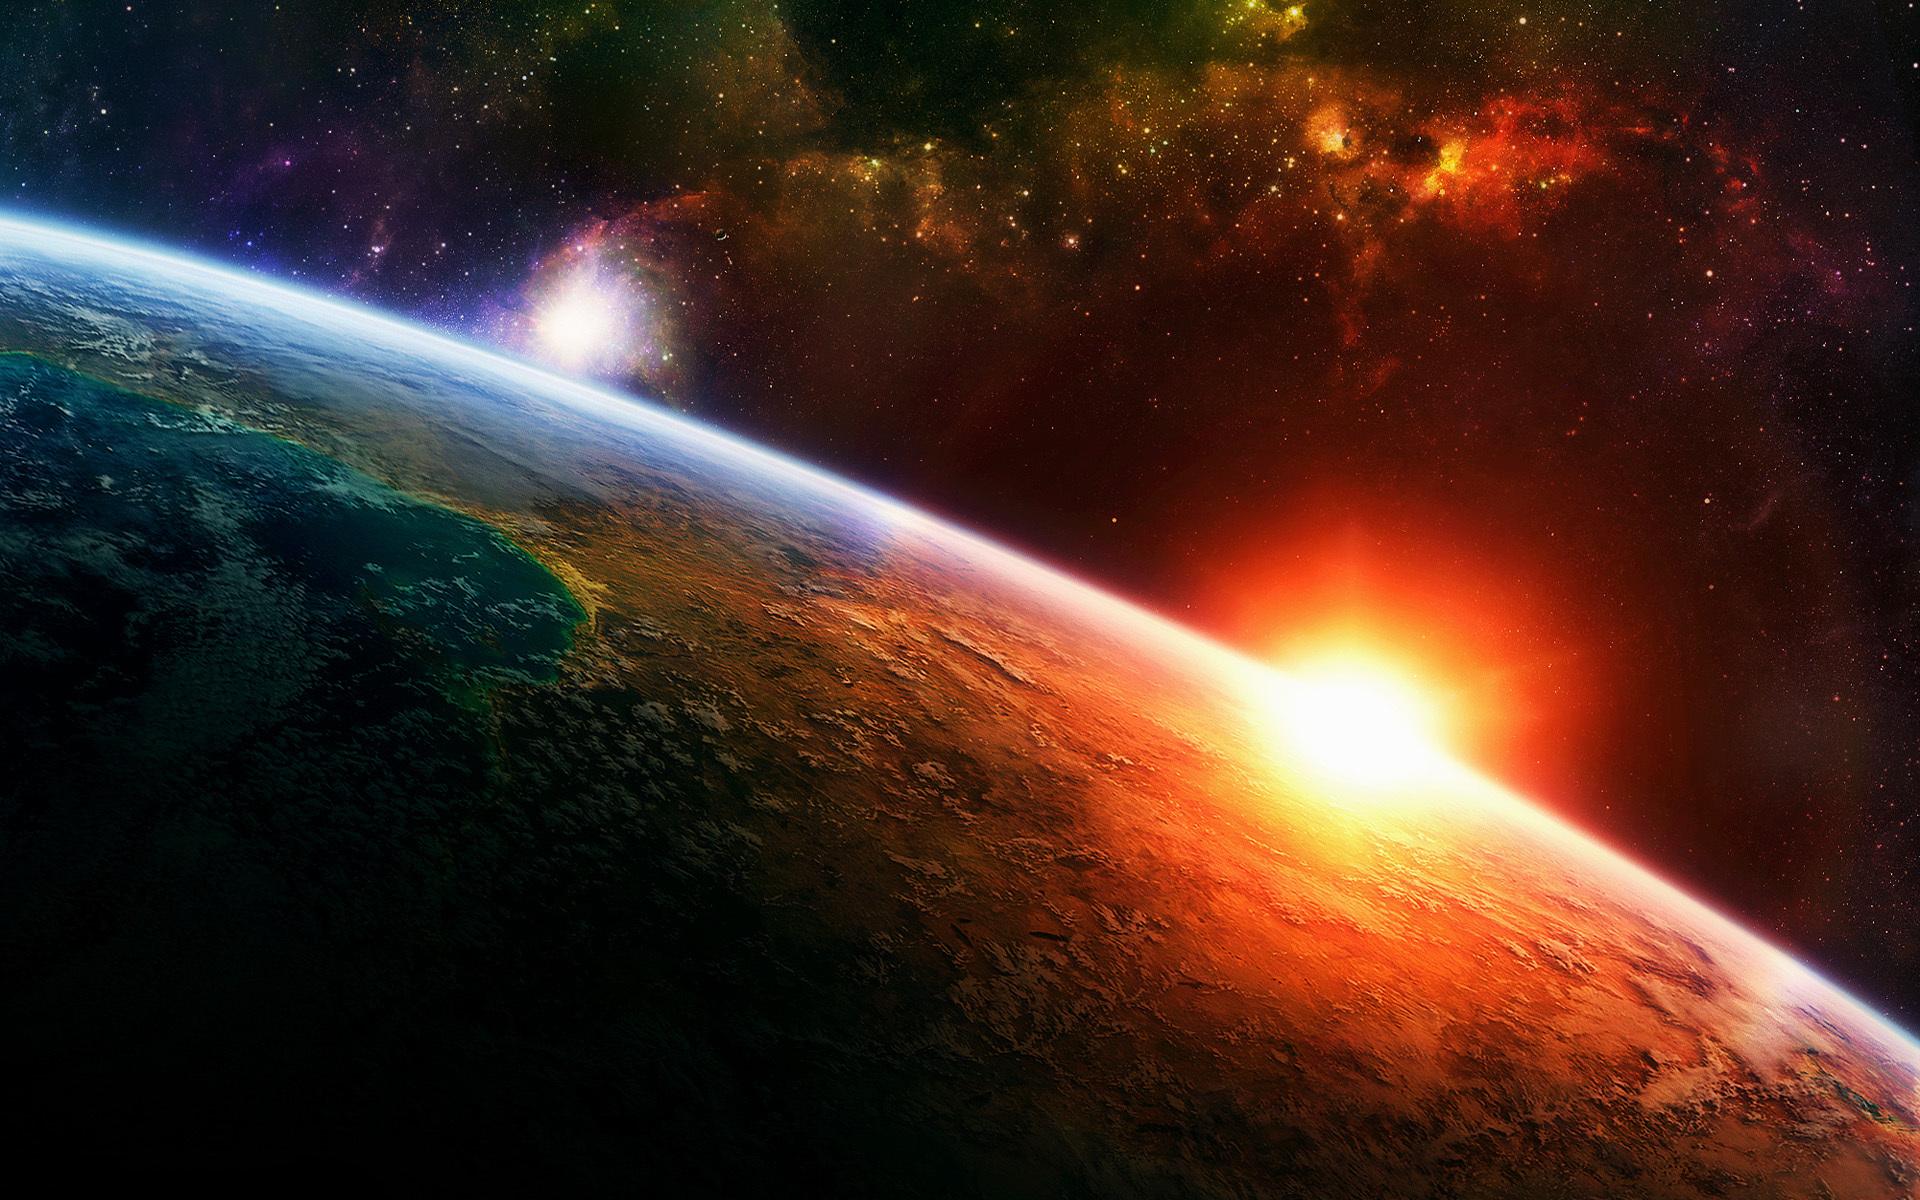 19474 скачать обои Пейзаж, Планеты, Космос, Солнце, Звезды - заставки и картинки бесплатно